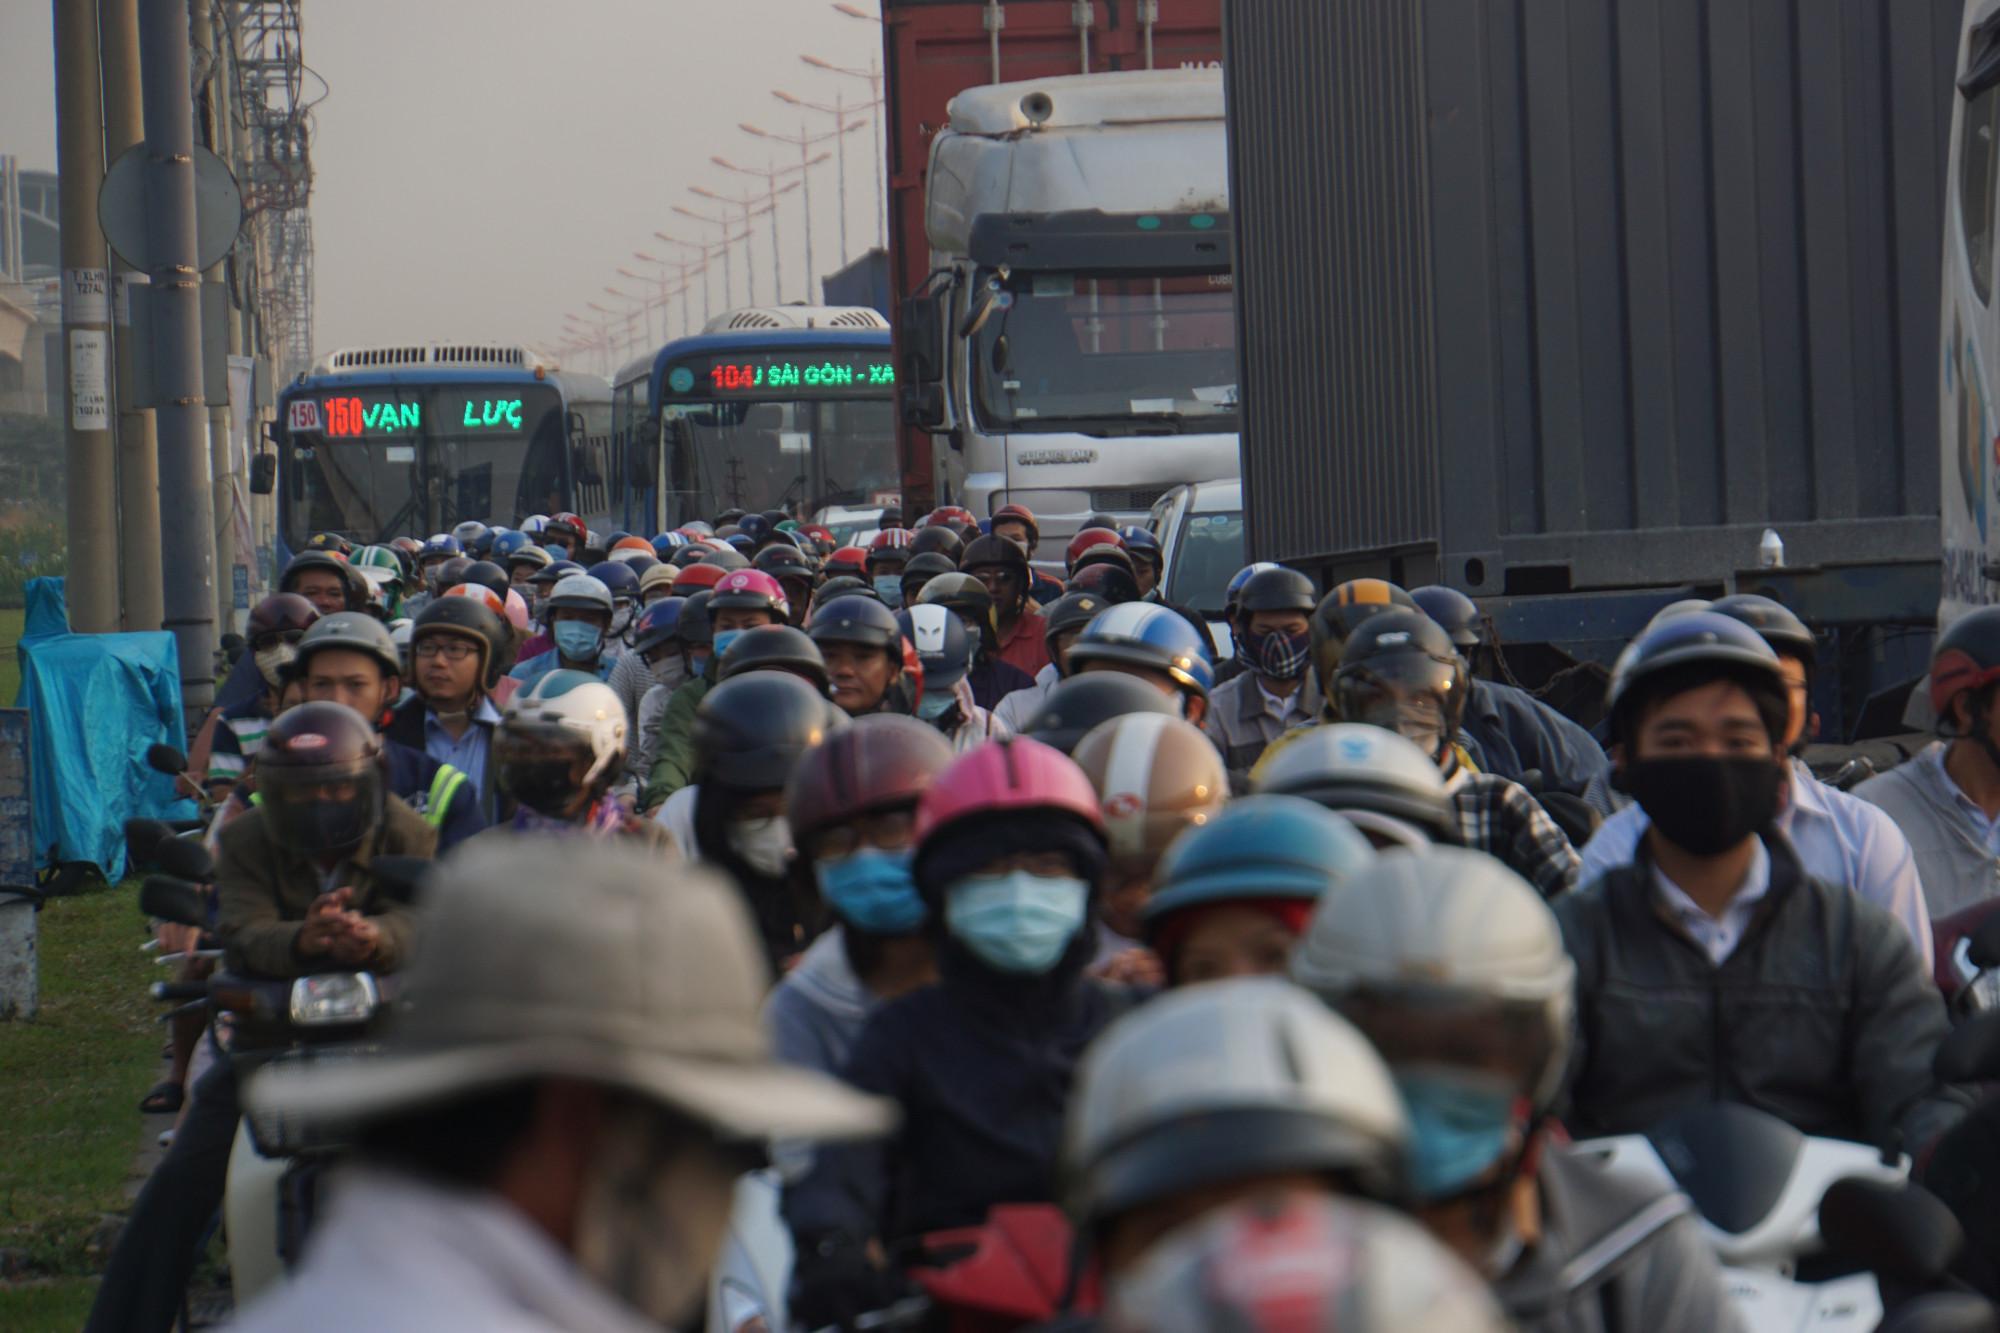 Hàng nghìn phương tiện chôn chân trên đường, rất khó khăn